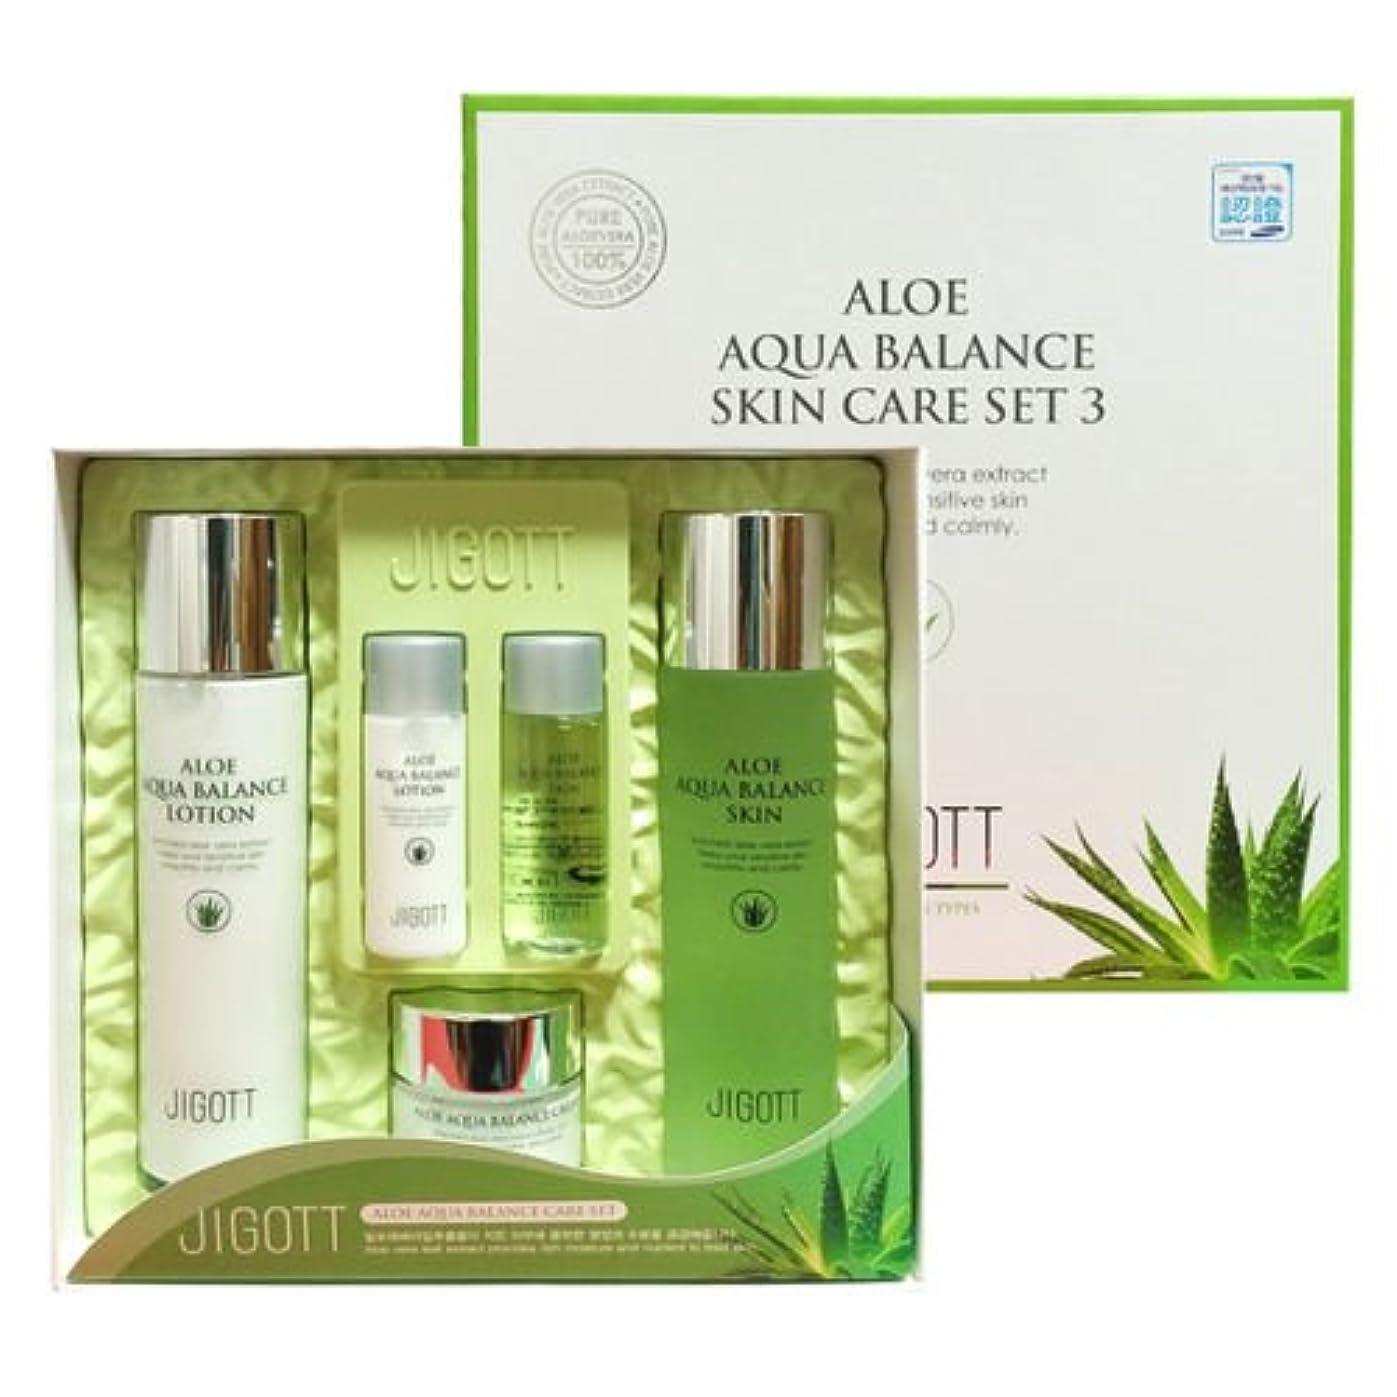 甘美な恵みスキャンダルジゴトゥ[韓国コスメJigott]Aloe Aqua Balance Skin Care 3 Set アロエアクアバランススキンケア3セット樹液,乳液,クリーム [並行輸入品]